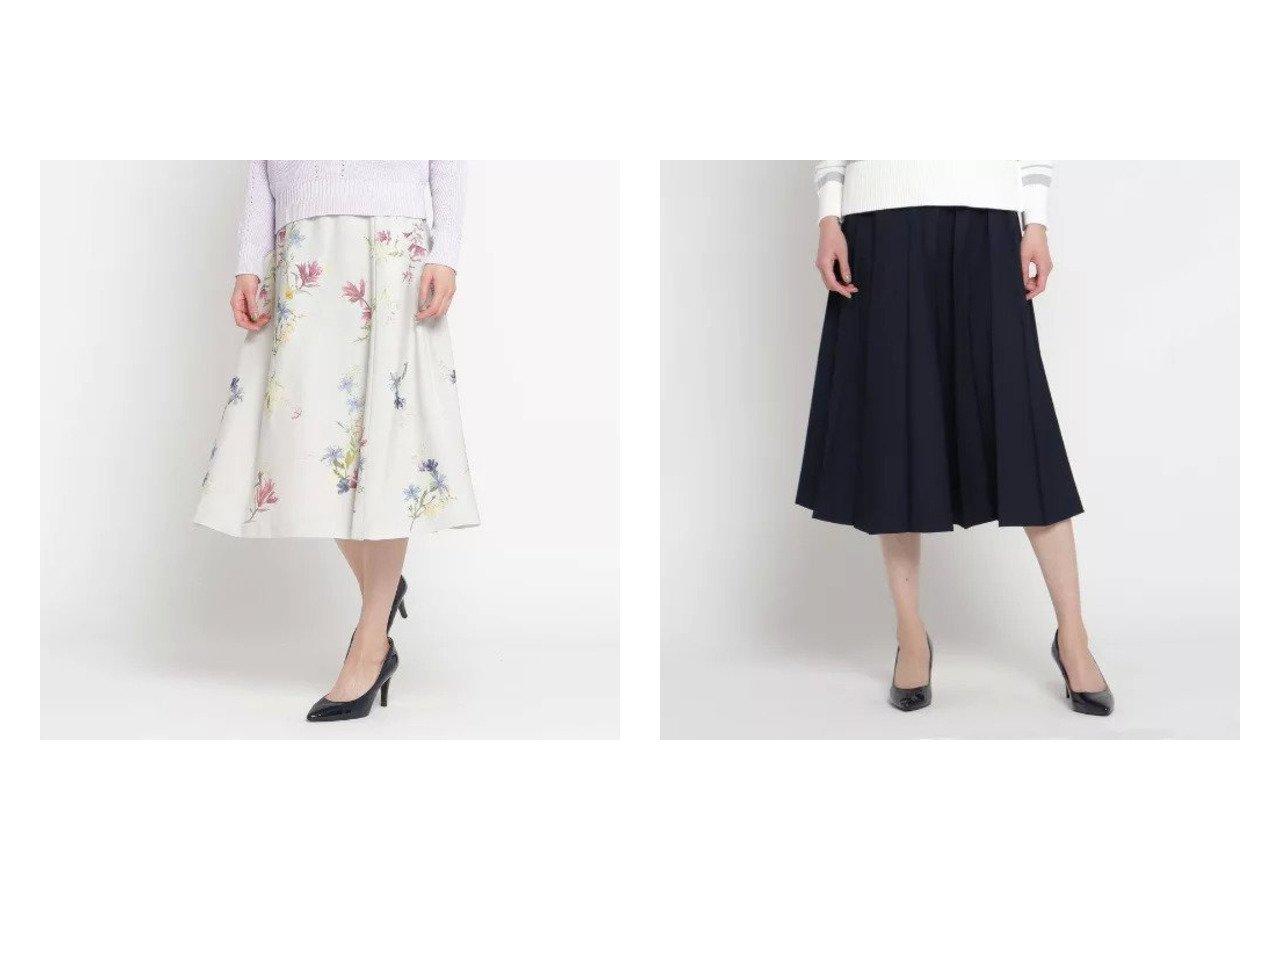 【SunaUna/スーナウーナ】のリノツイルプリーツスカート&フラワープリントフレアスカート SunaUnaのおすすめ!人気、トレンド・レディースファッションの通販  おすすめで人気の流行・トレンド、ファッションの通販商品 メンズファッション・キッズファッション・インテリア・家具・レディースファッション・服の通販 founy(ファニー) https://founy.com/ ファッション Fashion レディースファッション WOMEN スカート Skirt Aライン/フレアスカート Flared A-Line Skirts プリーツスカート Pleated Skirts インナー フレアースカート プリント ポケット 春 Spring ツイル プリーツ ボトム |ID:crp329100000018675